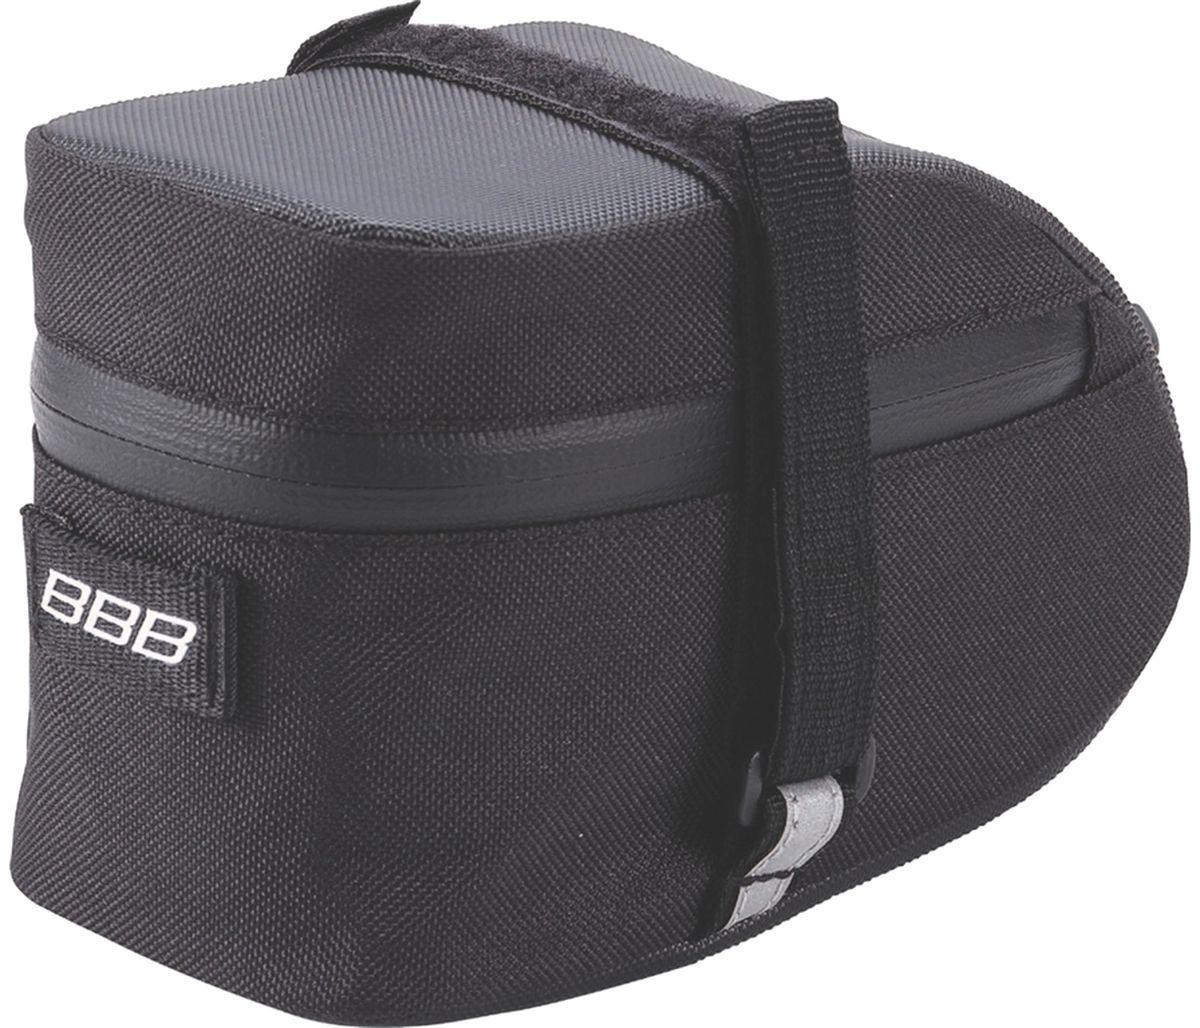 Велосумка под седло BBB EasyPack, цвет: черный. Размер M3615В технологичной подседельной сумке BBB EasyPack применяются лучшие материалы и новейшие технологии. Синяя подкладка обеспечивает лучшую видимость содержимого. Эластичный ремешок и карман для простоты организации содержимого вашей сумочки . Водонепроницаемая молния с фиксатором дает дополнительную безопасность и абсолютно бесшумна при езде. Крепление для заднего габарита-LED фонарика. Черная светоотражающая полоска обеспечивает лучшую видимость вас на дороге. Двойная застежка на липучке помогает просто и быстро установить/снять сумку. Резиновый ремешок крепления к подседельному штырю для надежной фиксации сумочки и во избежание повреждений лайкровых шорт и подседельного штыря.